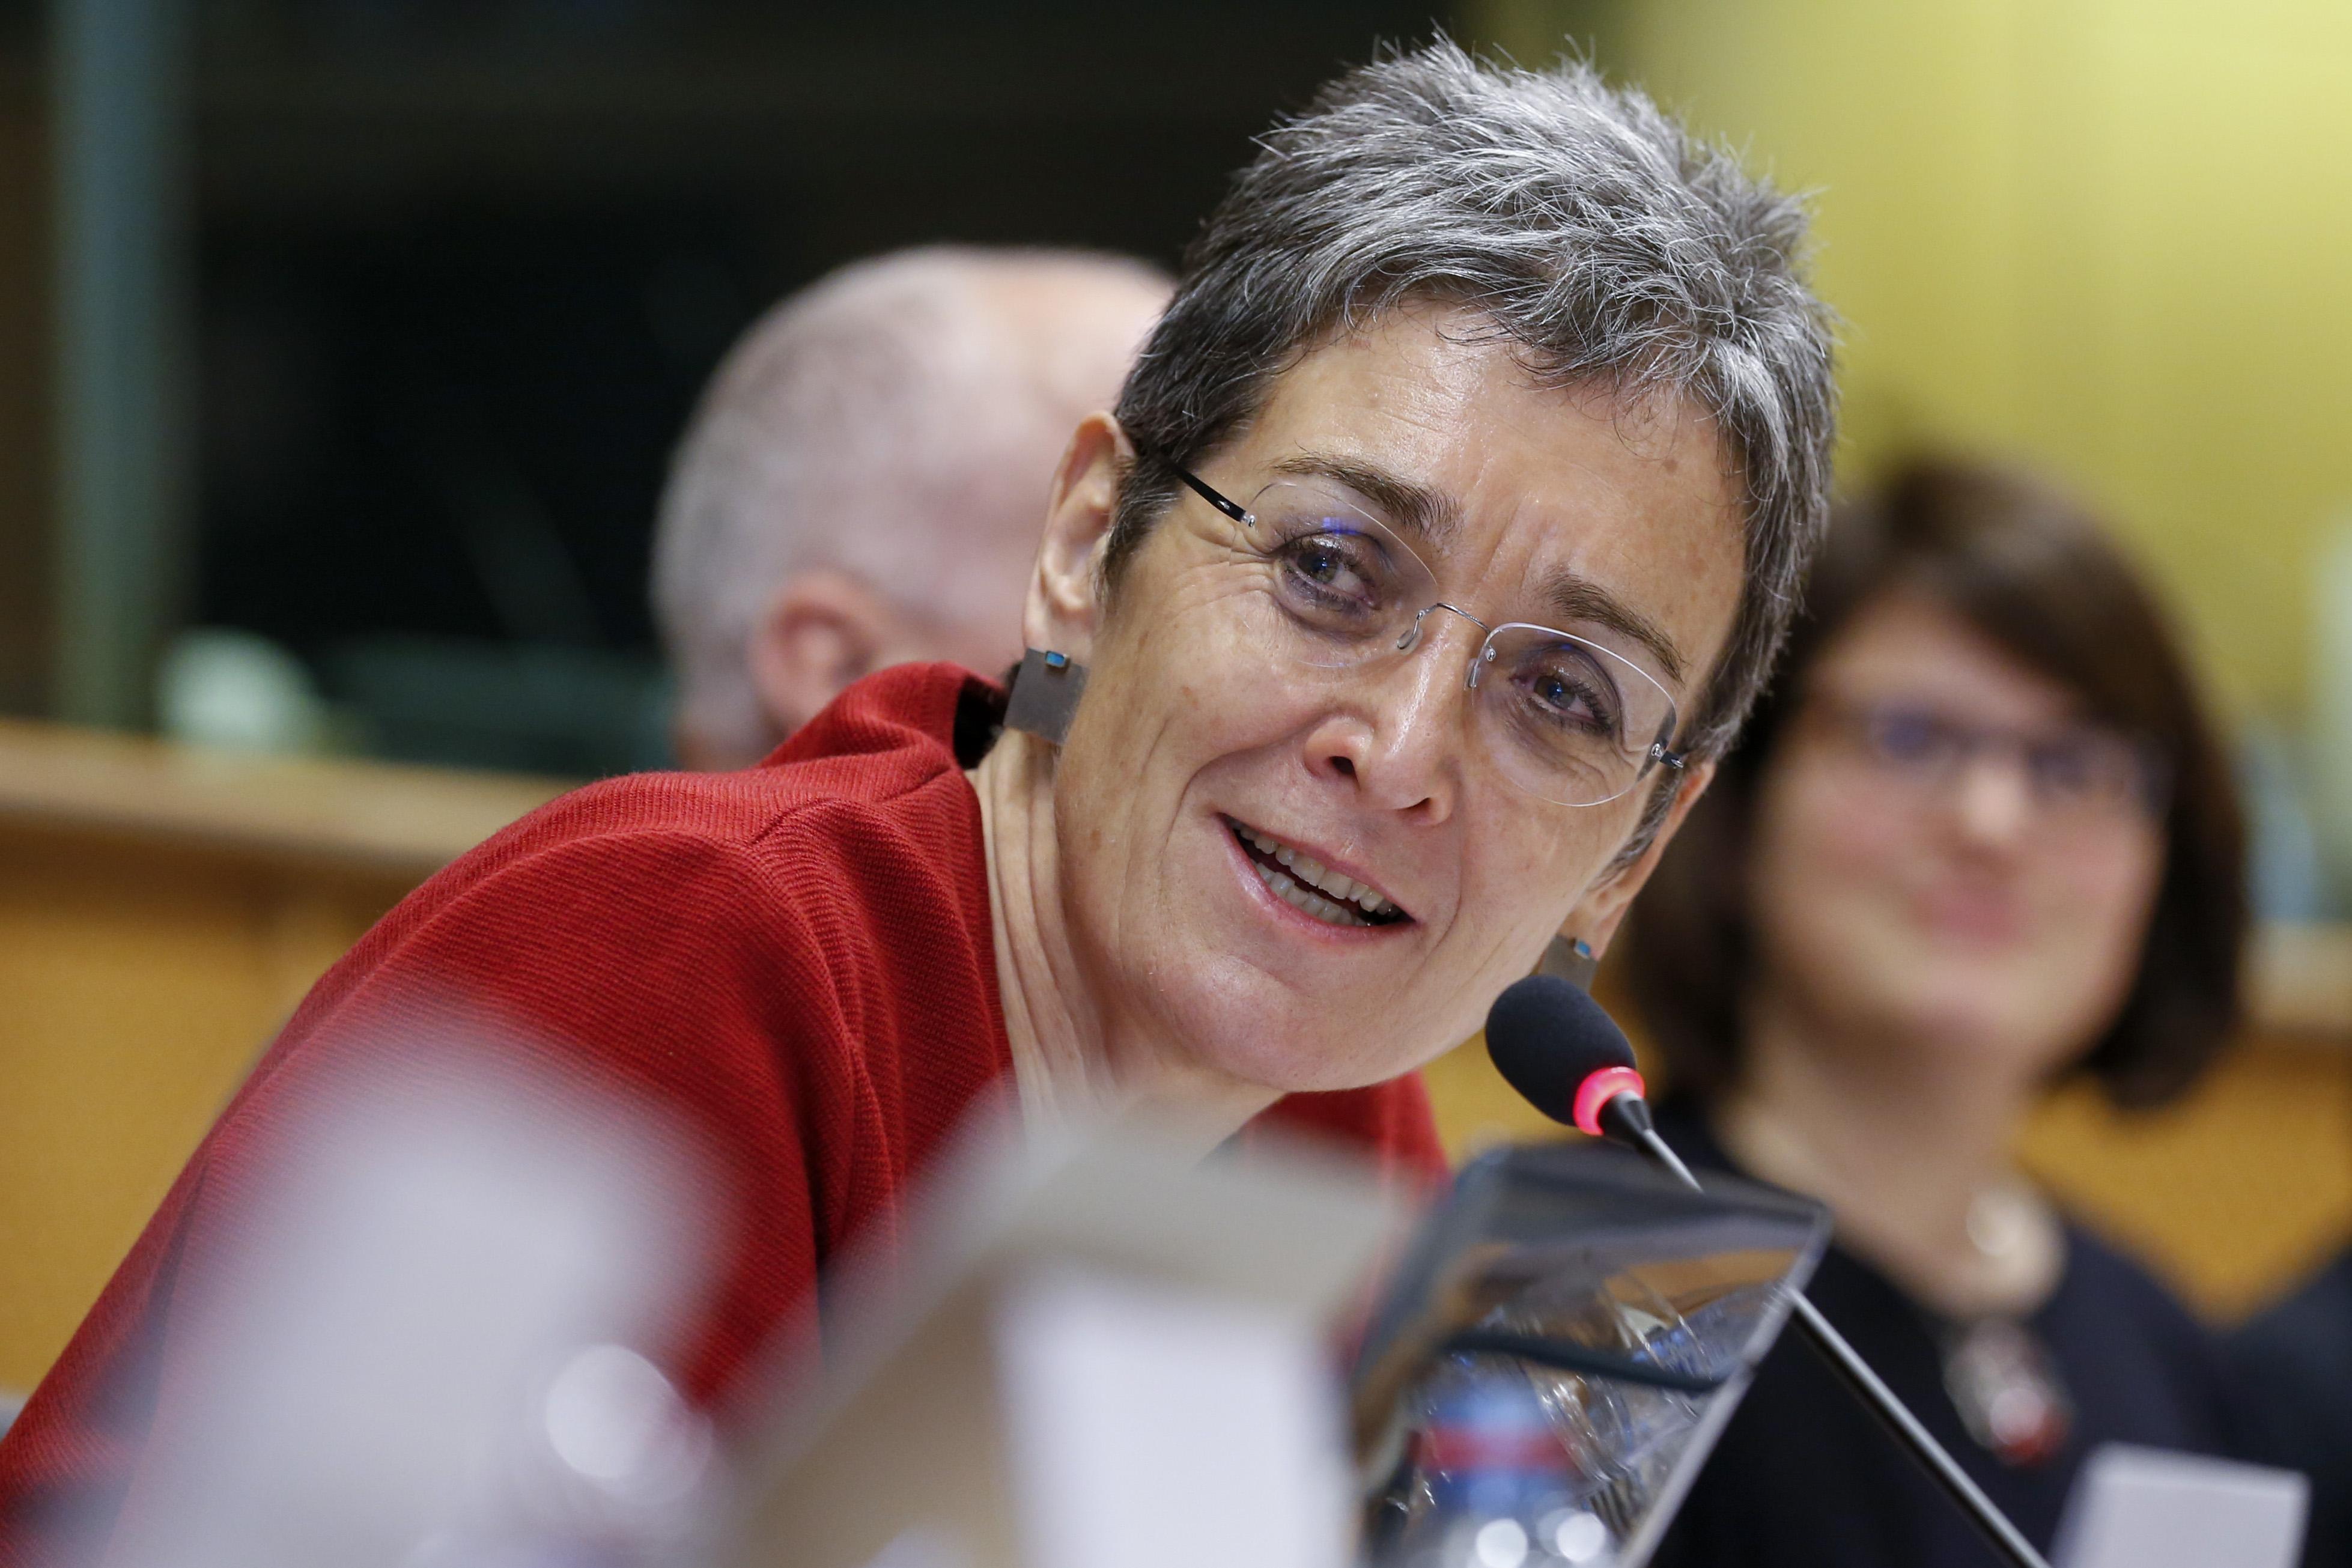 Ulrike LUNACEK